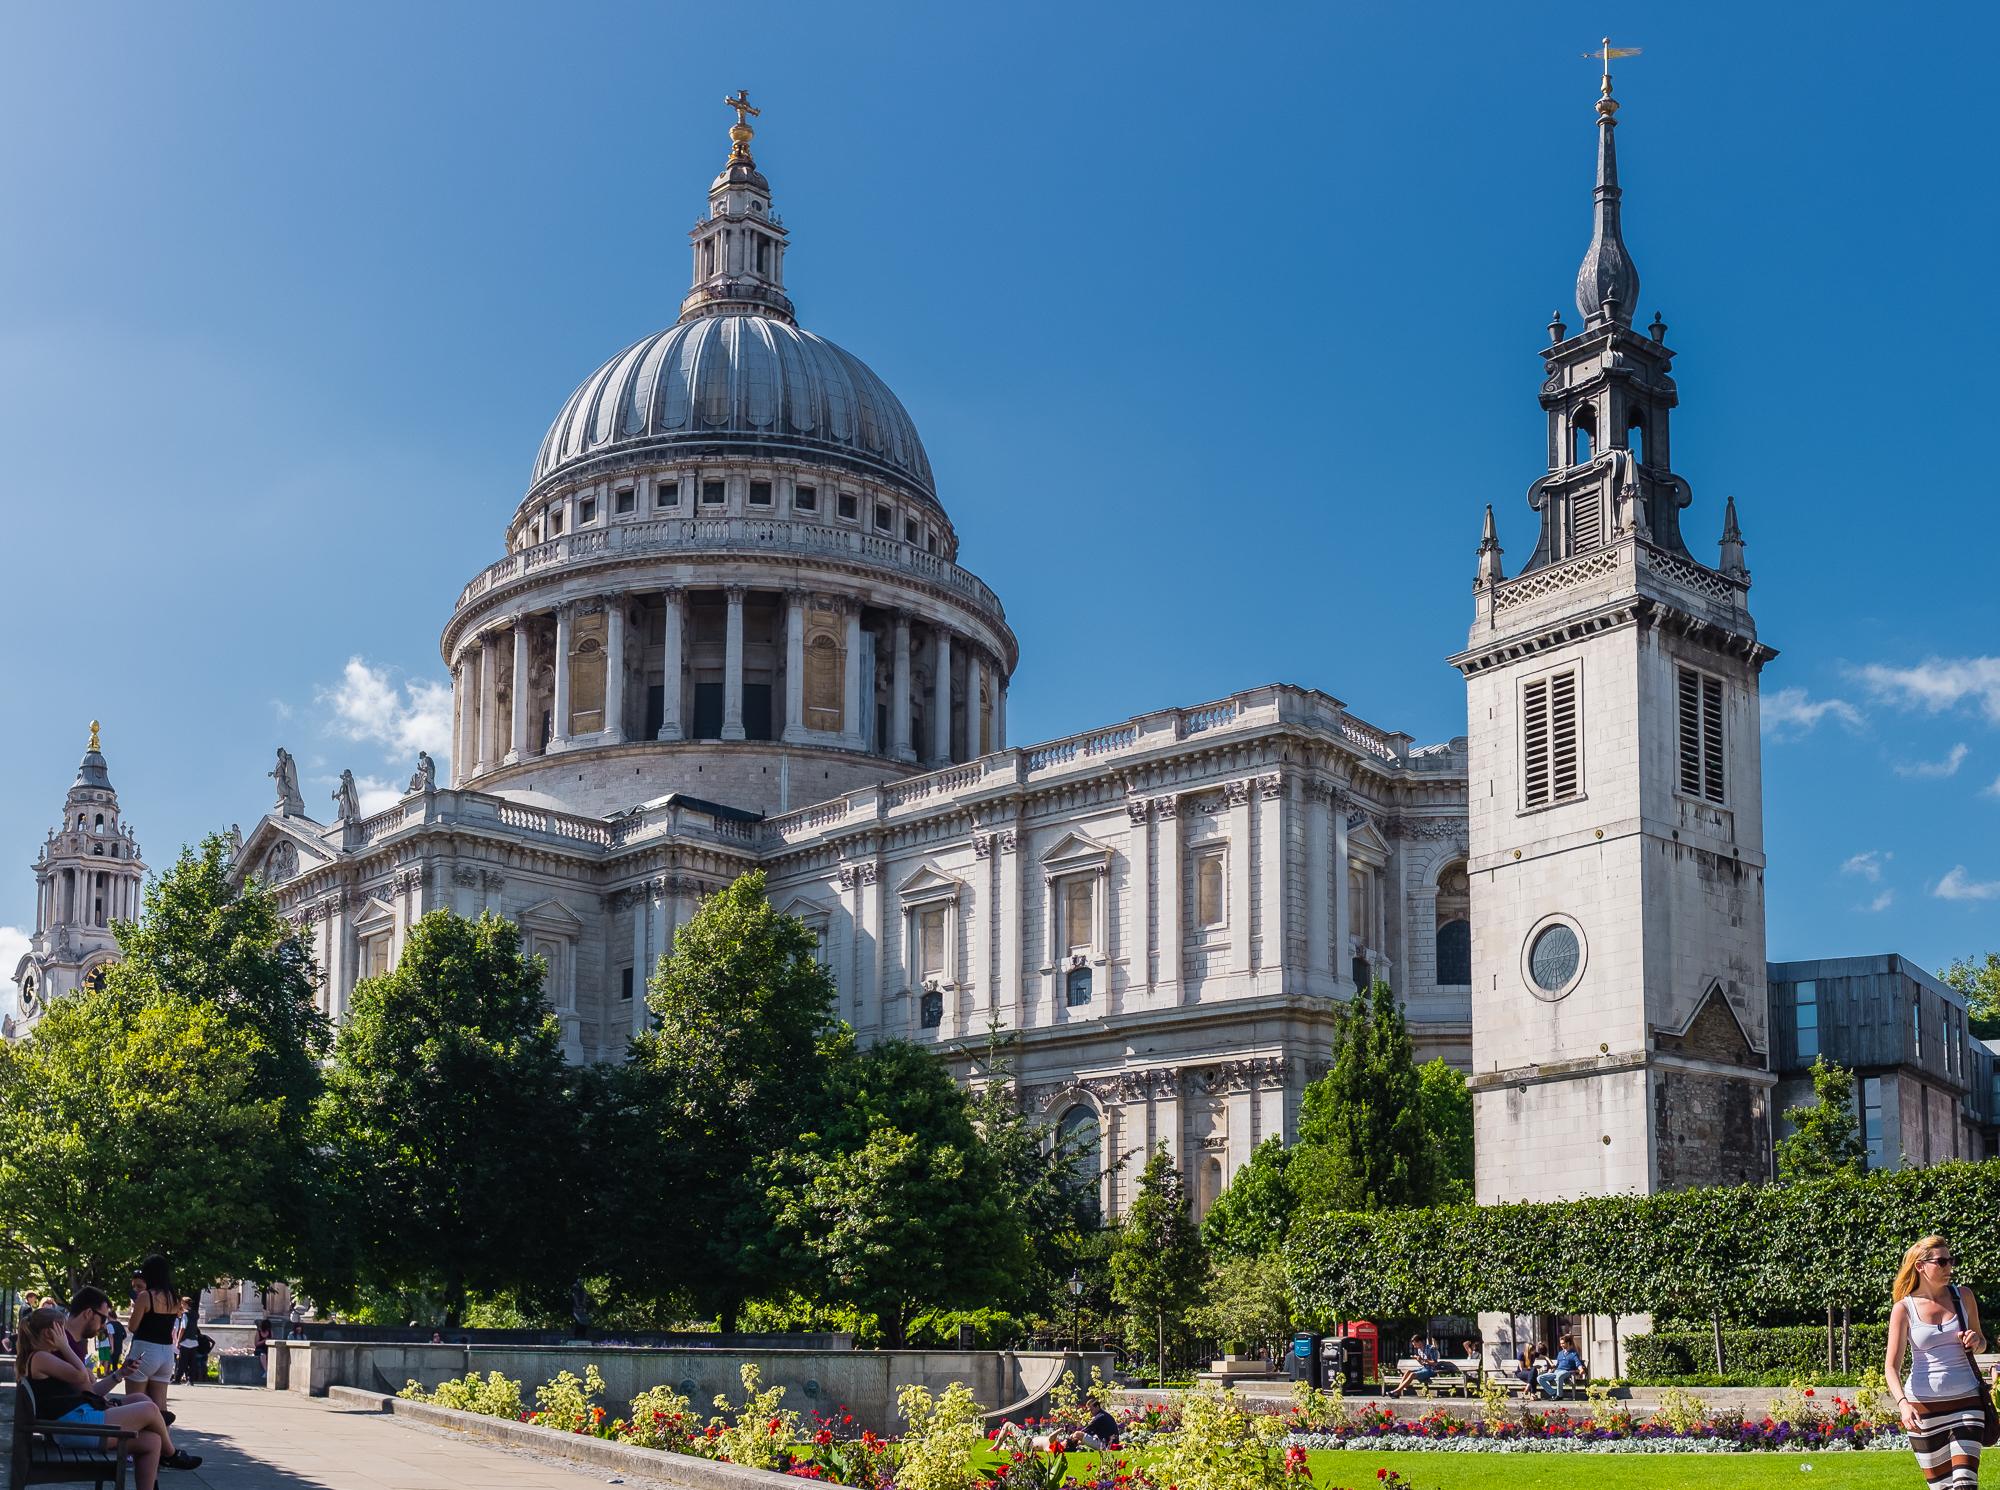 St. Paul Cathedral; aunque no lo parezca, también es una panorámica.